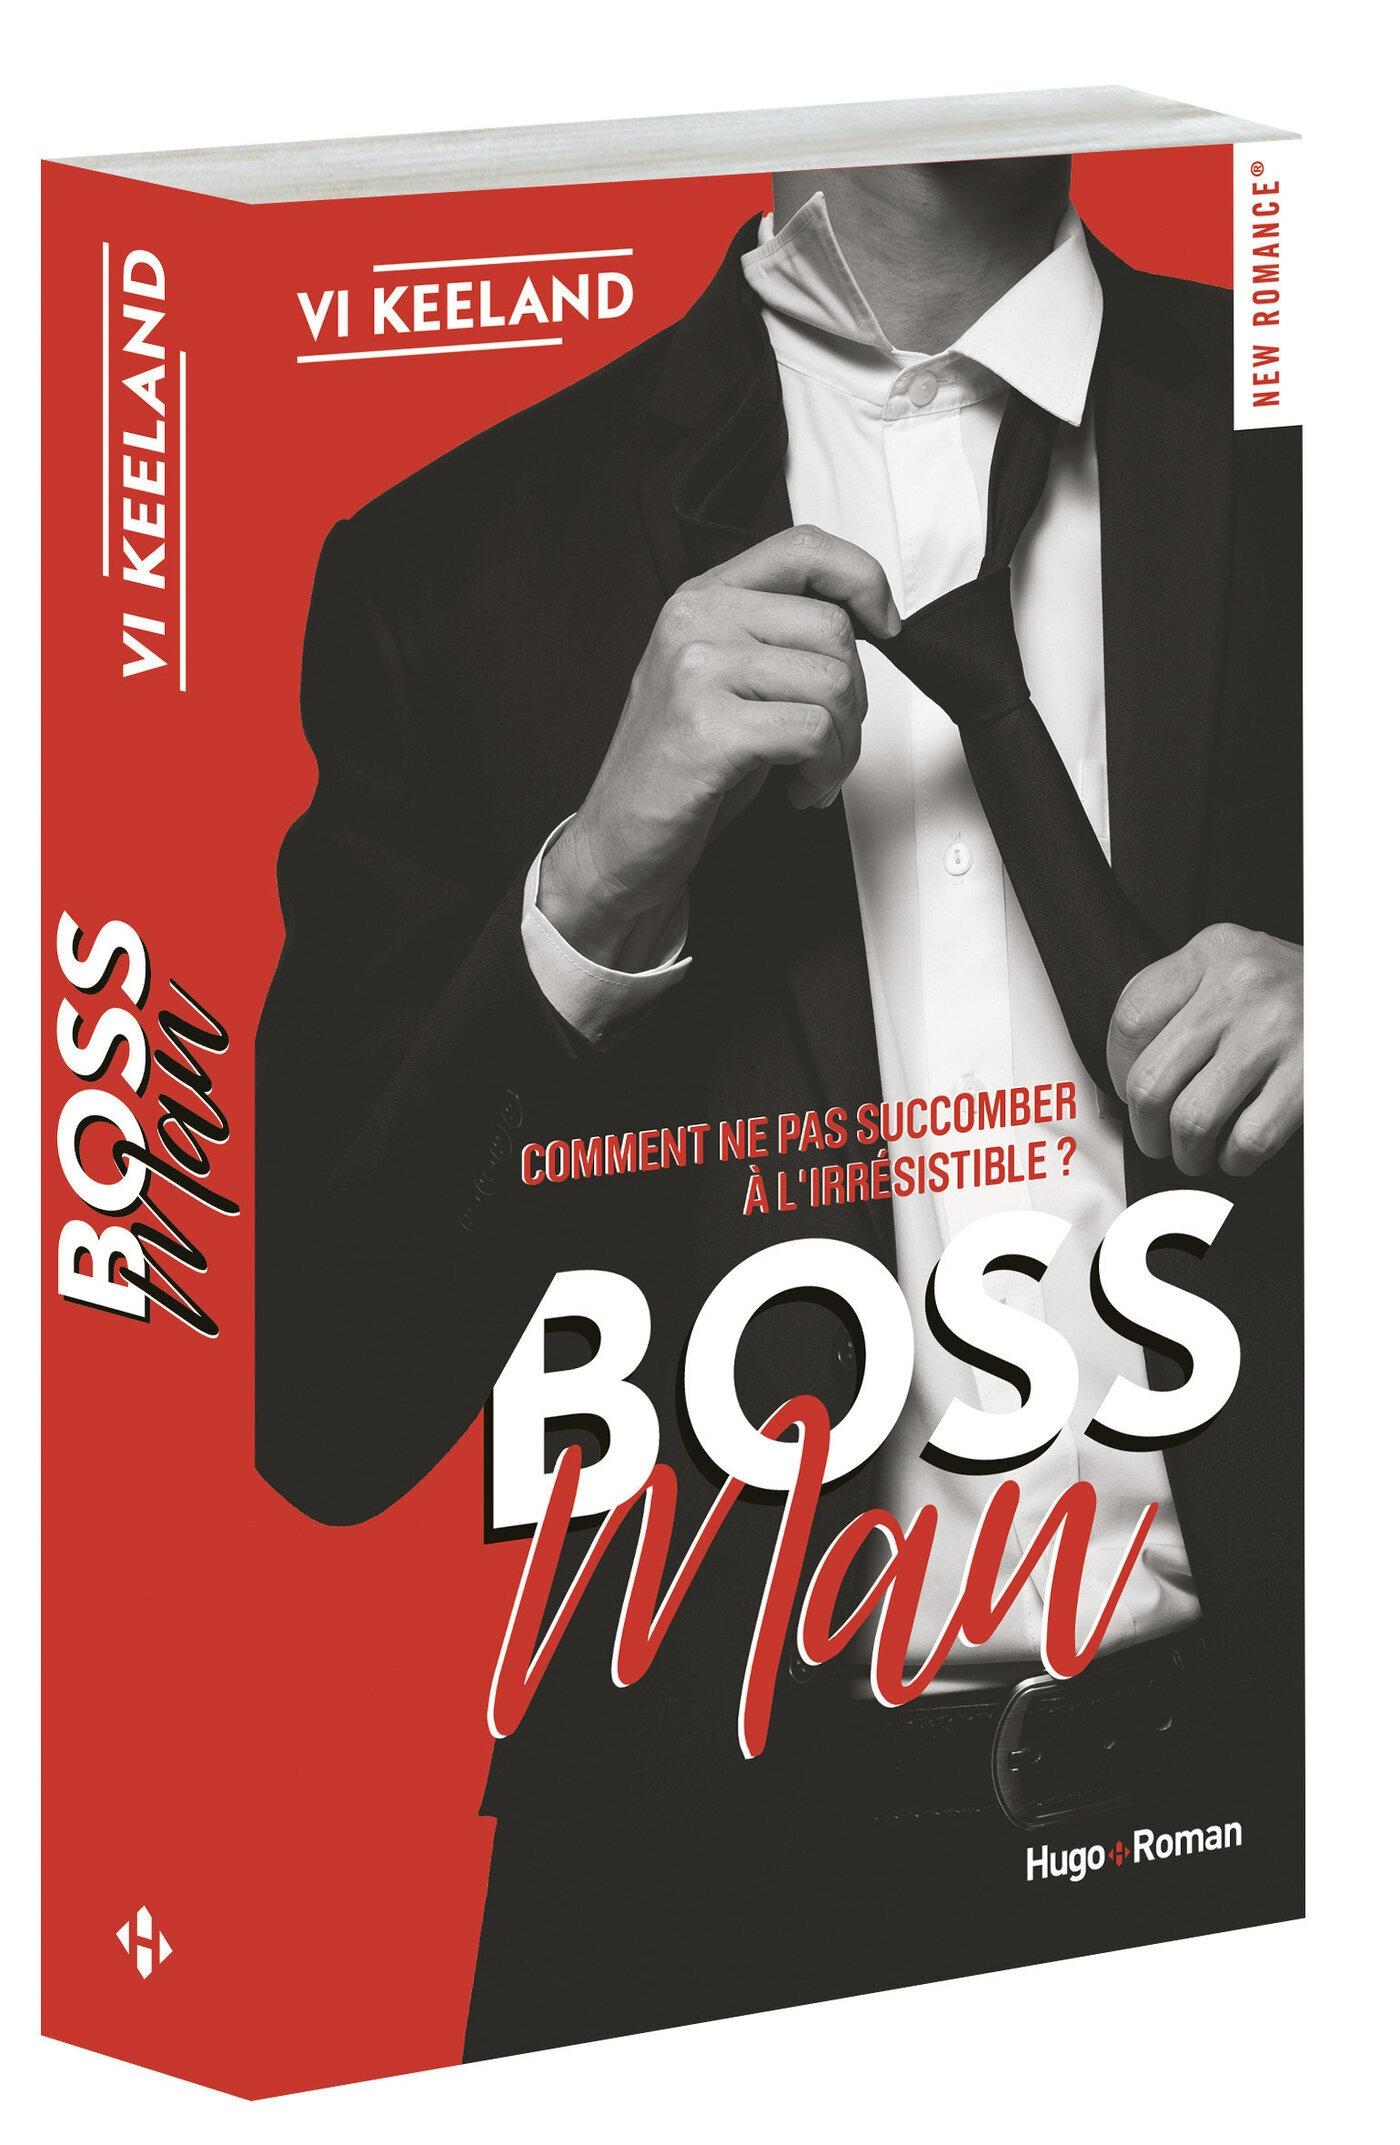 """Résultat de recherche d'images pour """"bossman vi keeland hugo roman"""""""